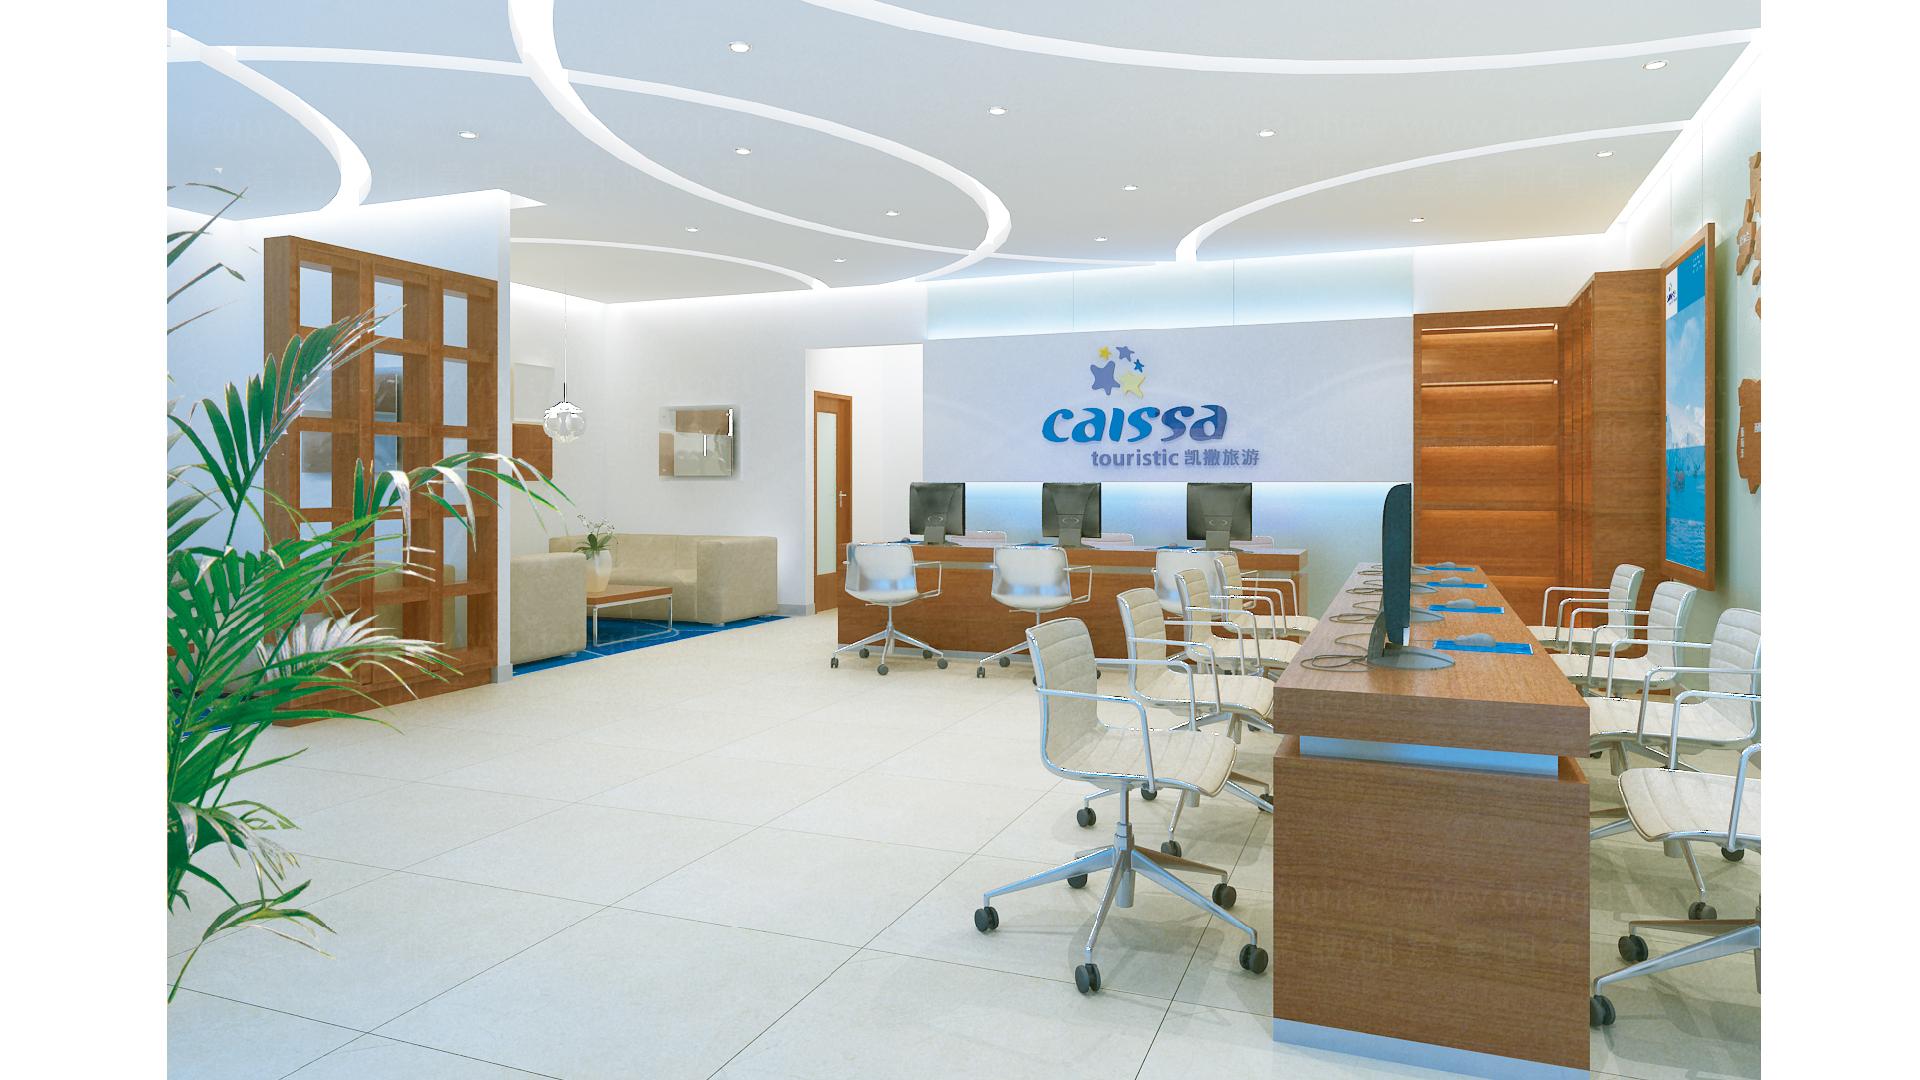 旅游生活商业空间&导示凯撒旅游SI设计